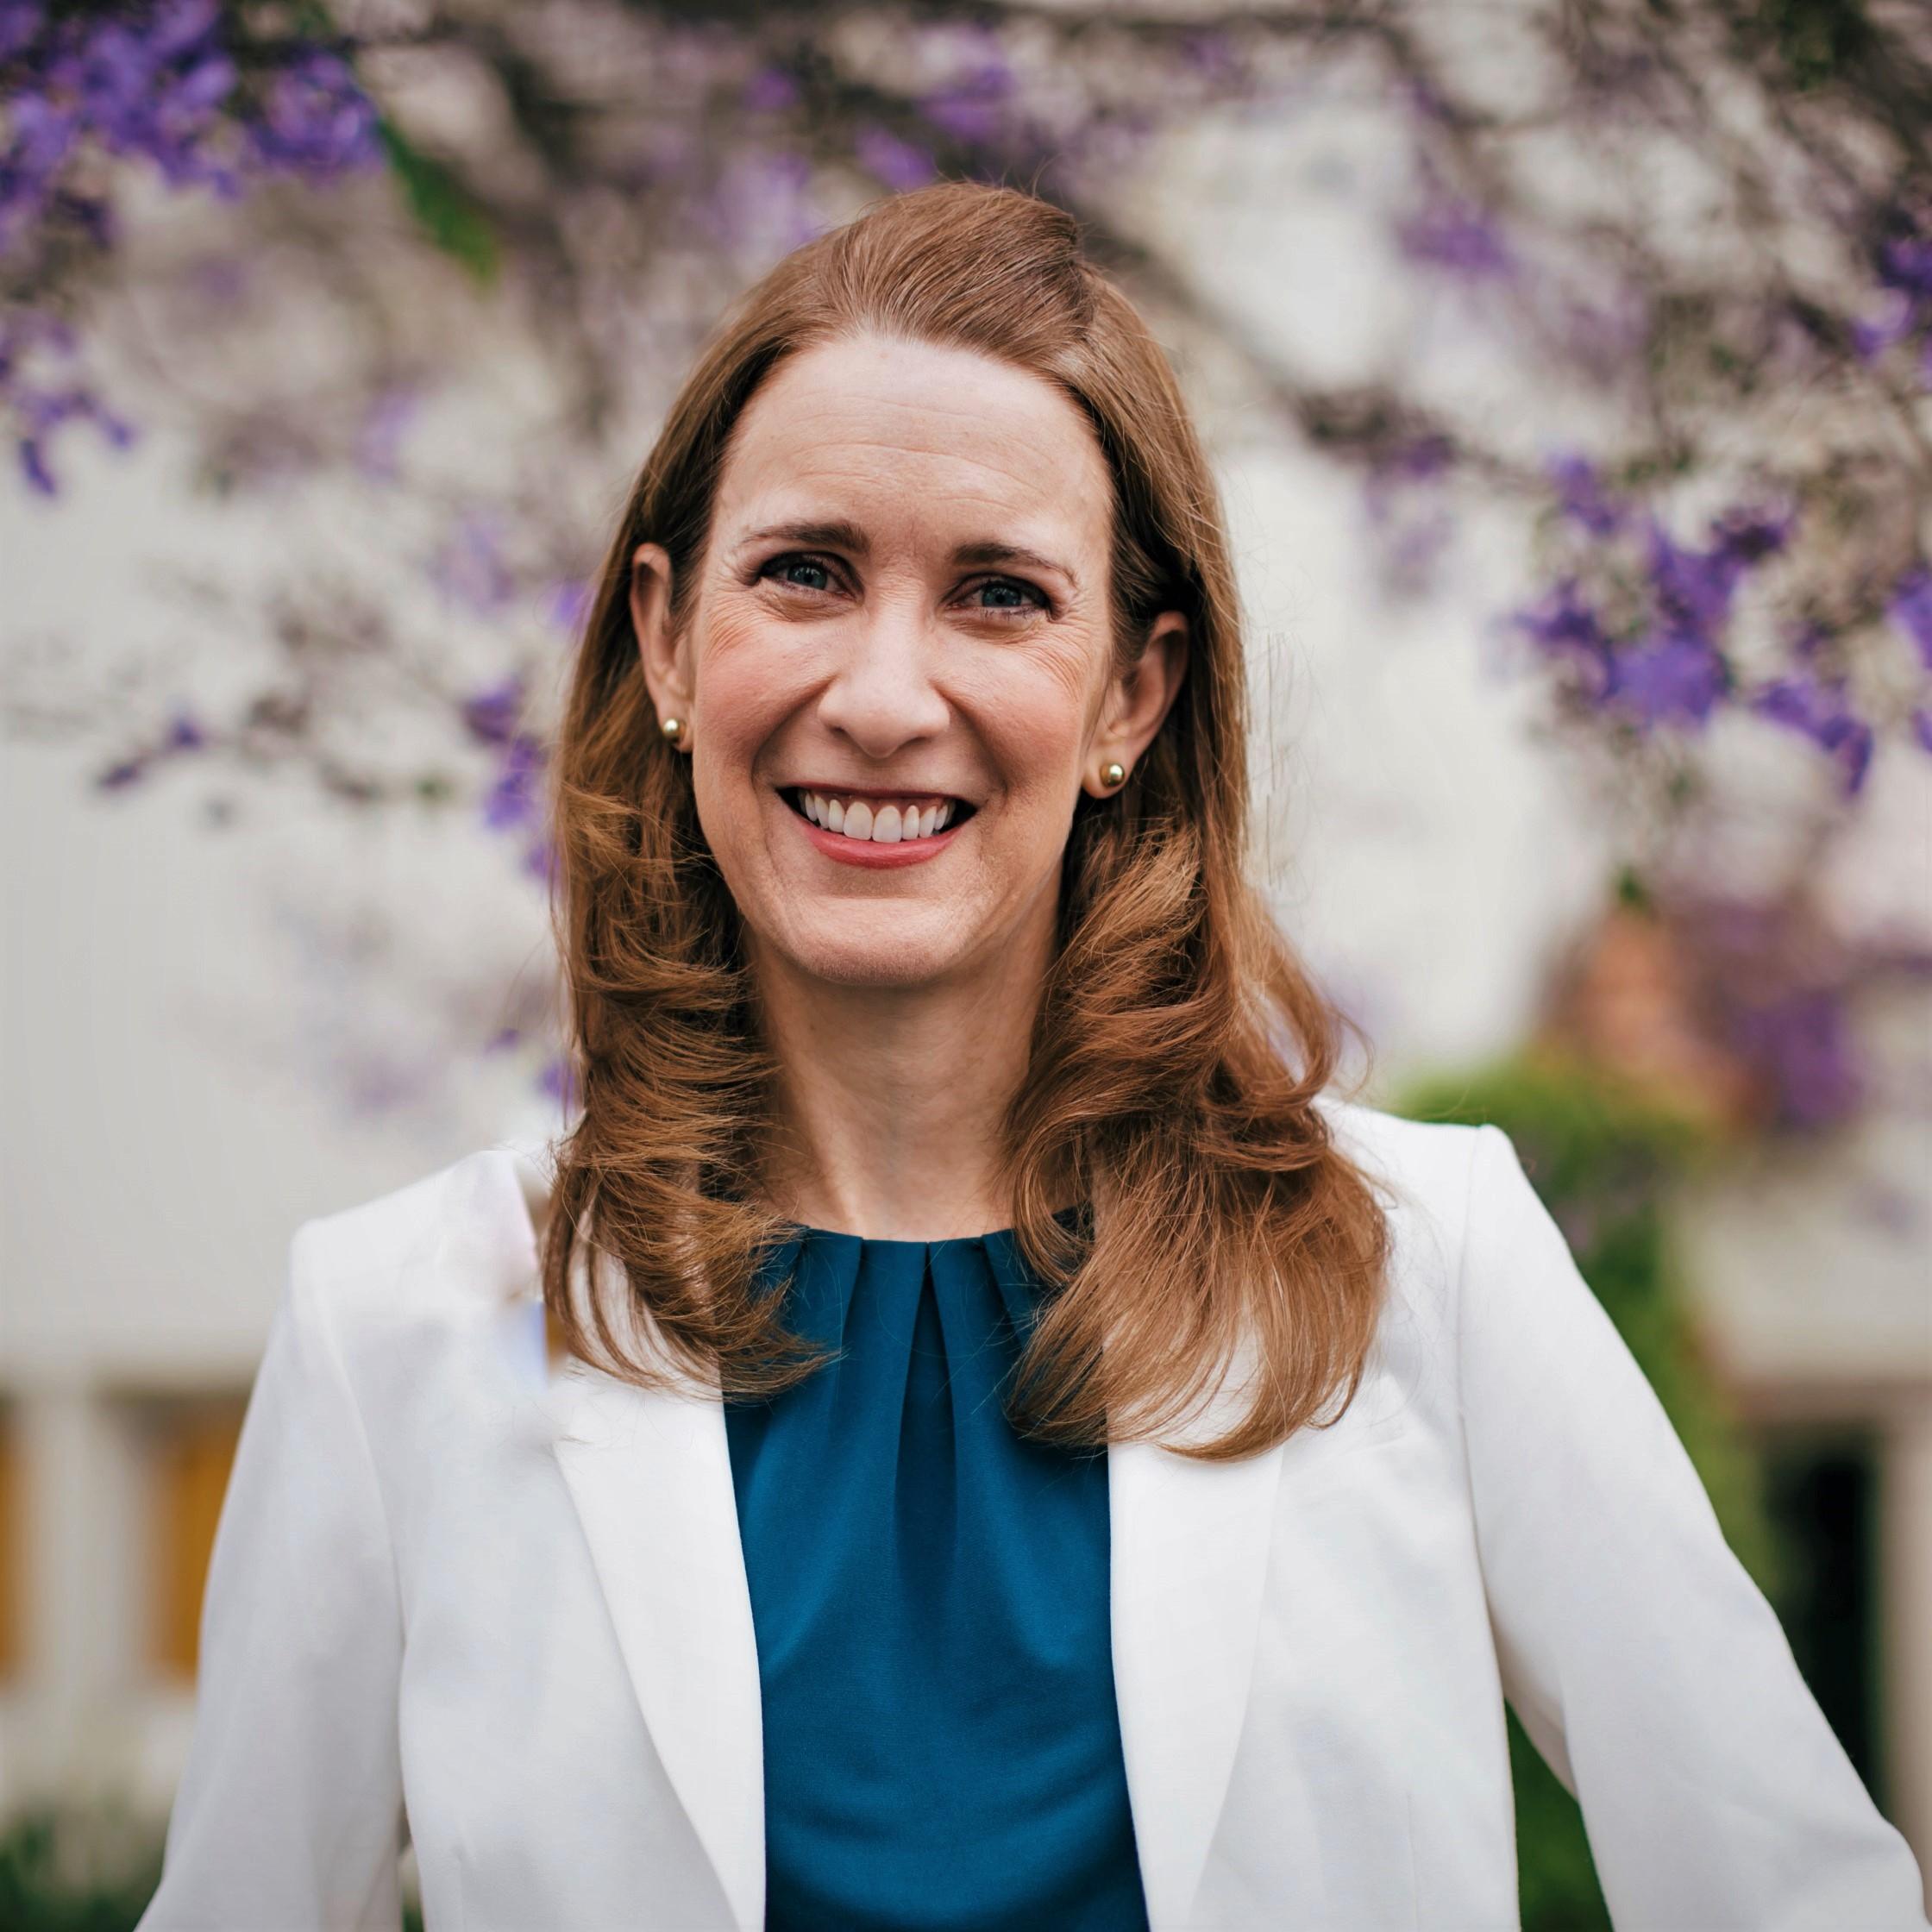 Lauren Woolley, Ph.D (La Jolla)